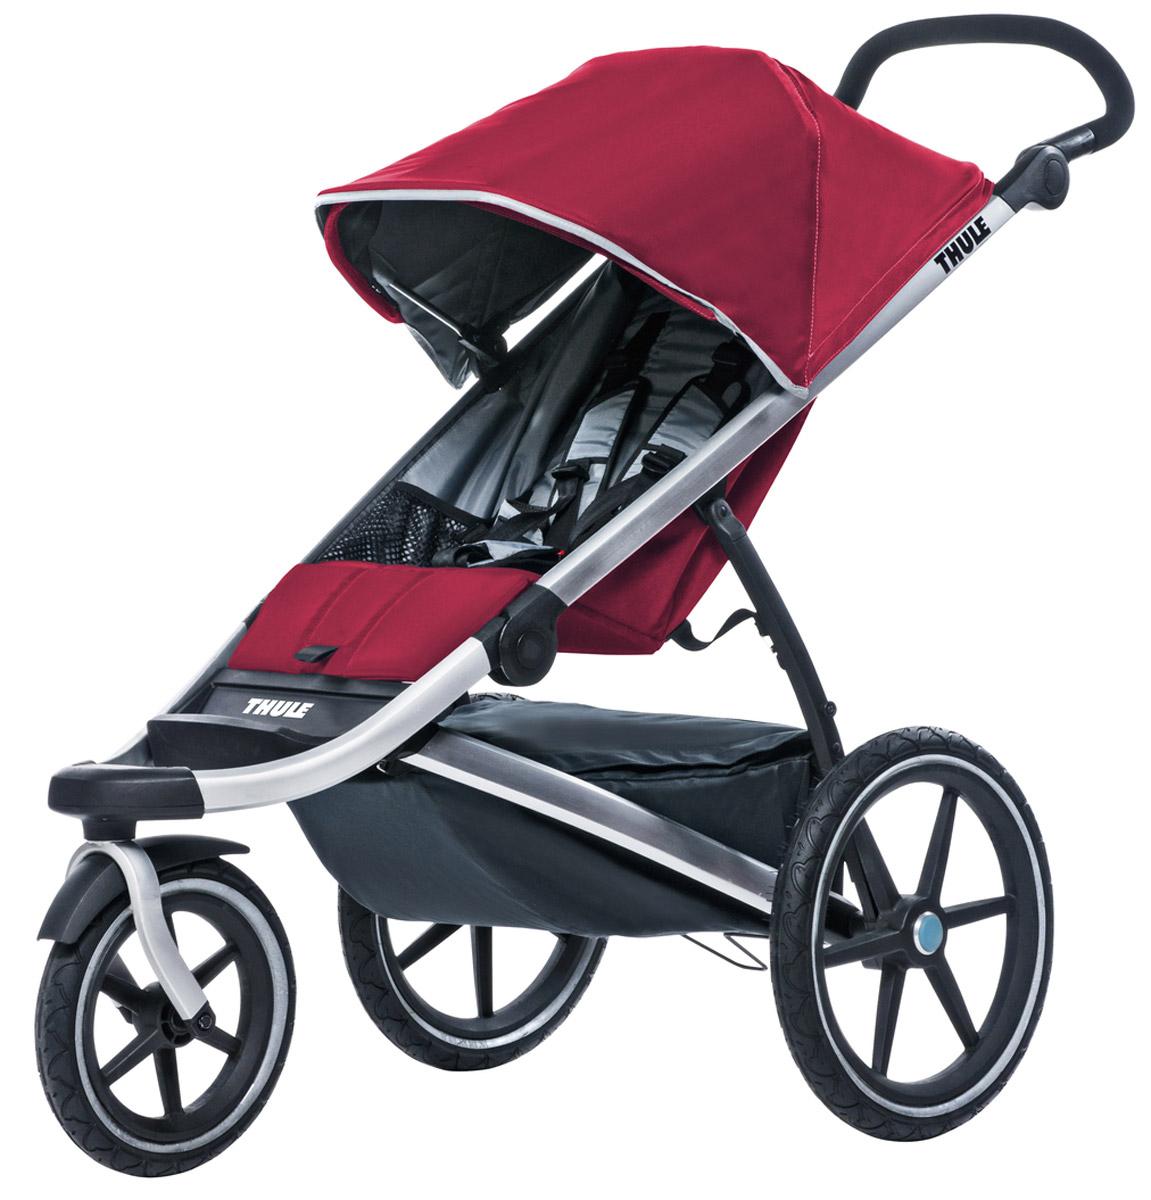 Thule Коляска прогулочная Urban Glide1 бордовый10101904Thule Urban Glide — детская коляска для различных видов спорта, характеризуется обтекаемой и легкой конструкцией, поэтому она идеально подходит для поездок в городе или бега трусцой по любимым дорожкам. Компактно складывается одной рукой для простоты хранения и транспортировки Поворачивающееся переднее колесо, повышающее маневренность, можно убрать в специальное отделение при беге трусцой Эргономичная ручка с регулируемой высотой для удобства родителей Задняя подвеска для мягкой и ровной езды Мягкое сидение с вентилируемым верхним слоем откидывается практически в горизонтальное положение, чтобы ребенок мог спать во время езды Навес с несколькими вариантами положений для дополнительной защиты и окошком, чтобы вы могли видеть своего ребенка Большое отделение с водонепроницаемой крышкой, закрывающейся на молнию